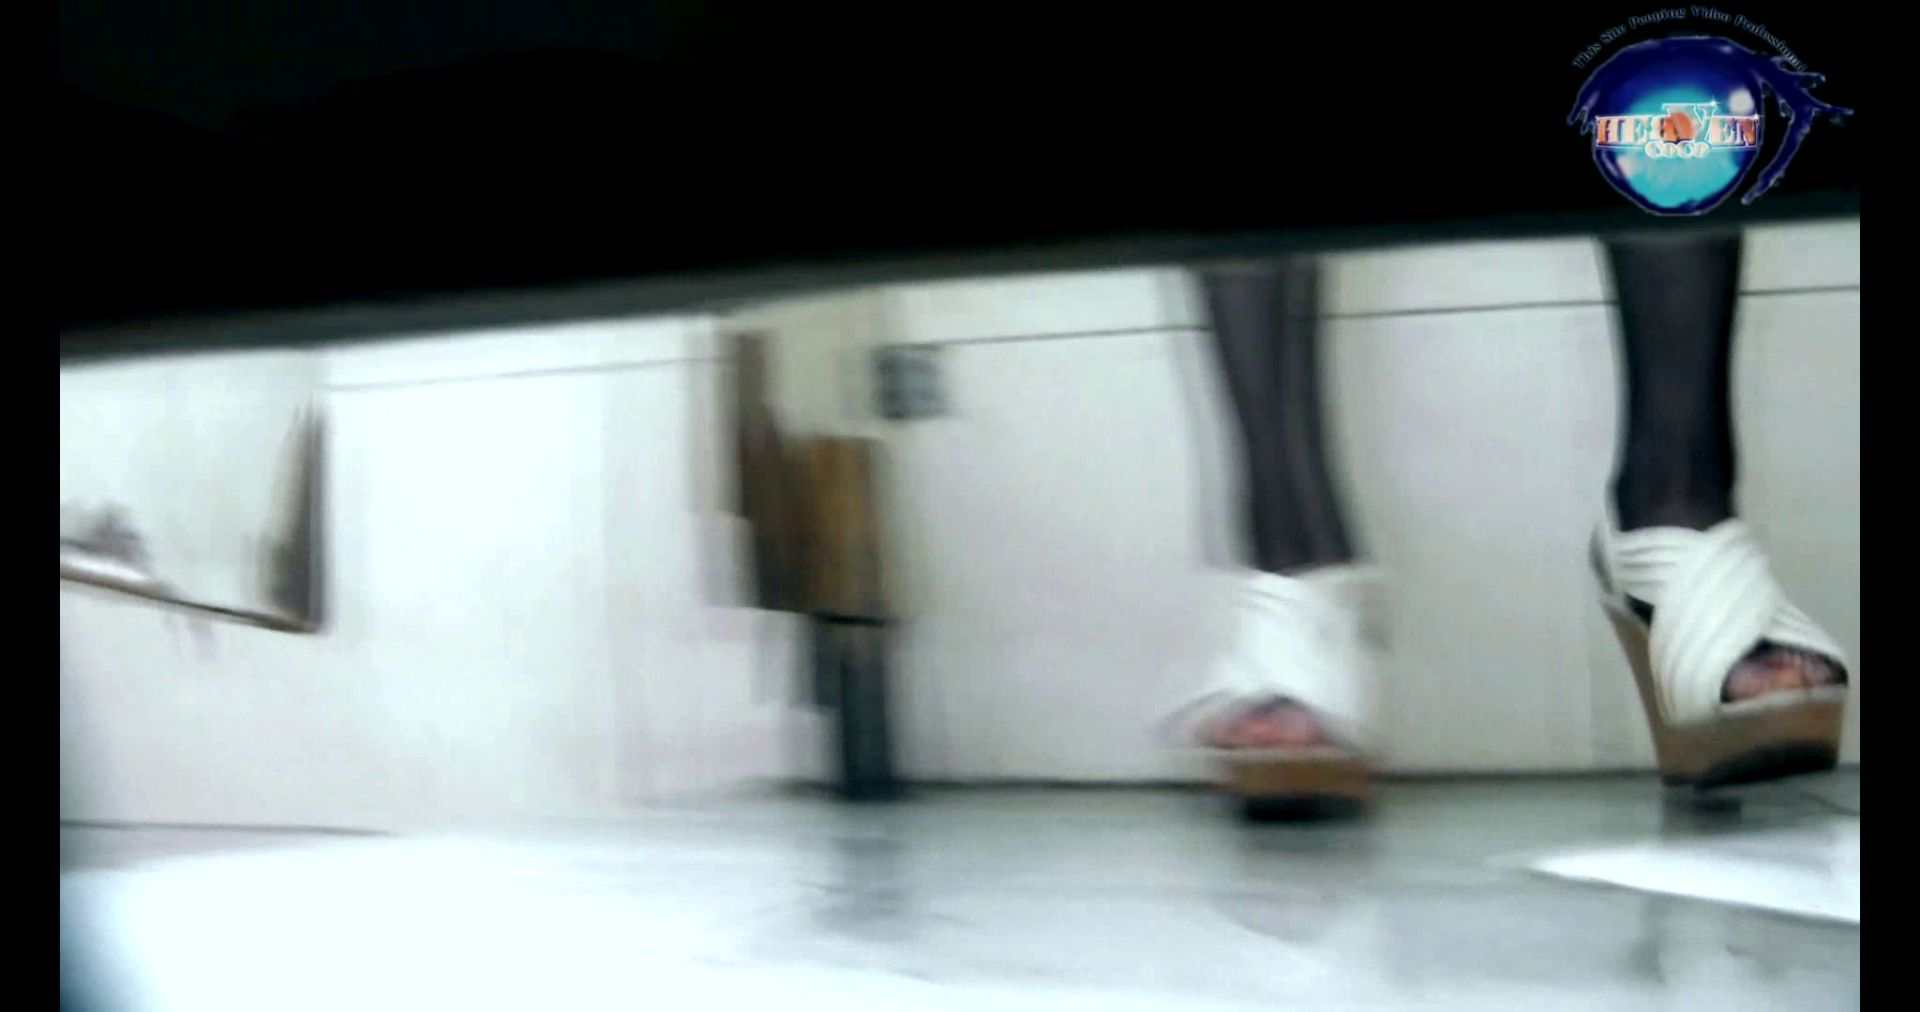 世界の射窓から~ステーション編~vol.36 無料動画に登場したトップクラスモデル本番へ 0  80pic 10